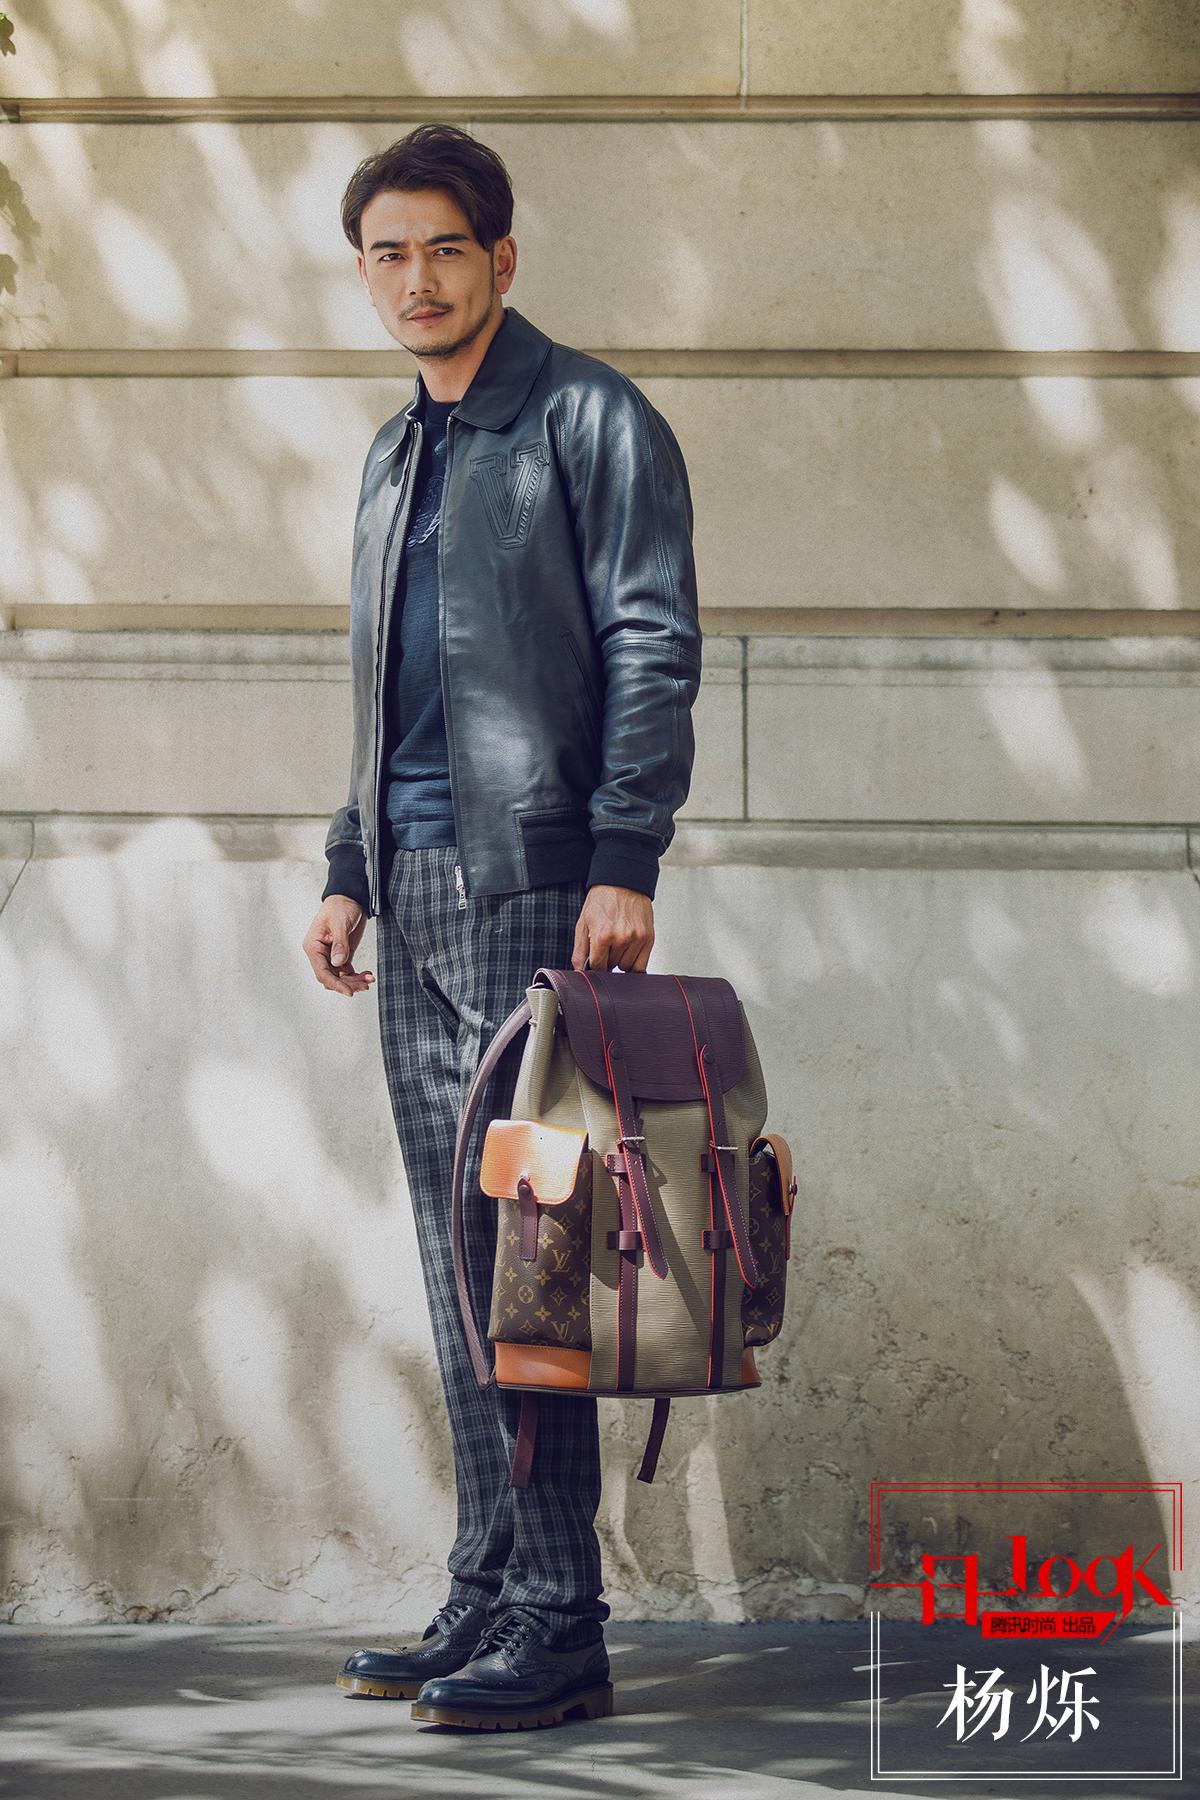 """一日一look 看""""行走的荷尔蒙""""杨烁如何在巴黎街头发散出专属他的绅士魅力"""